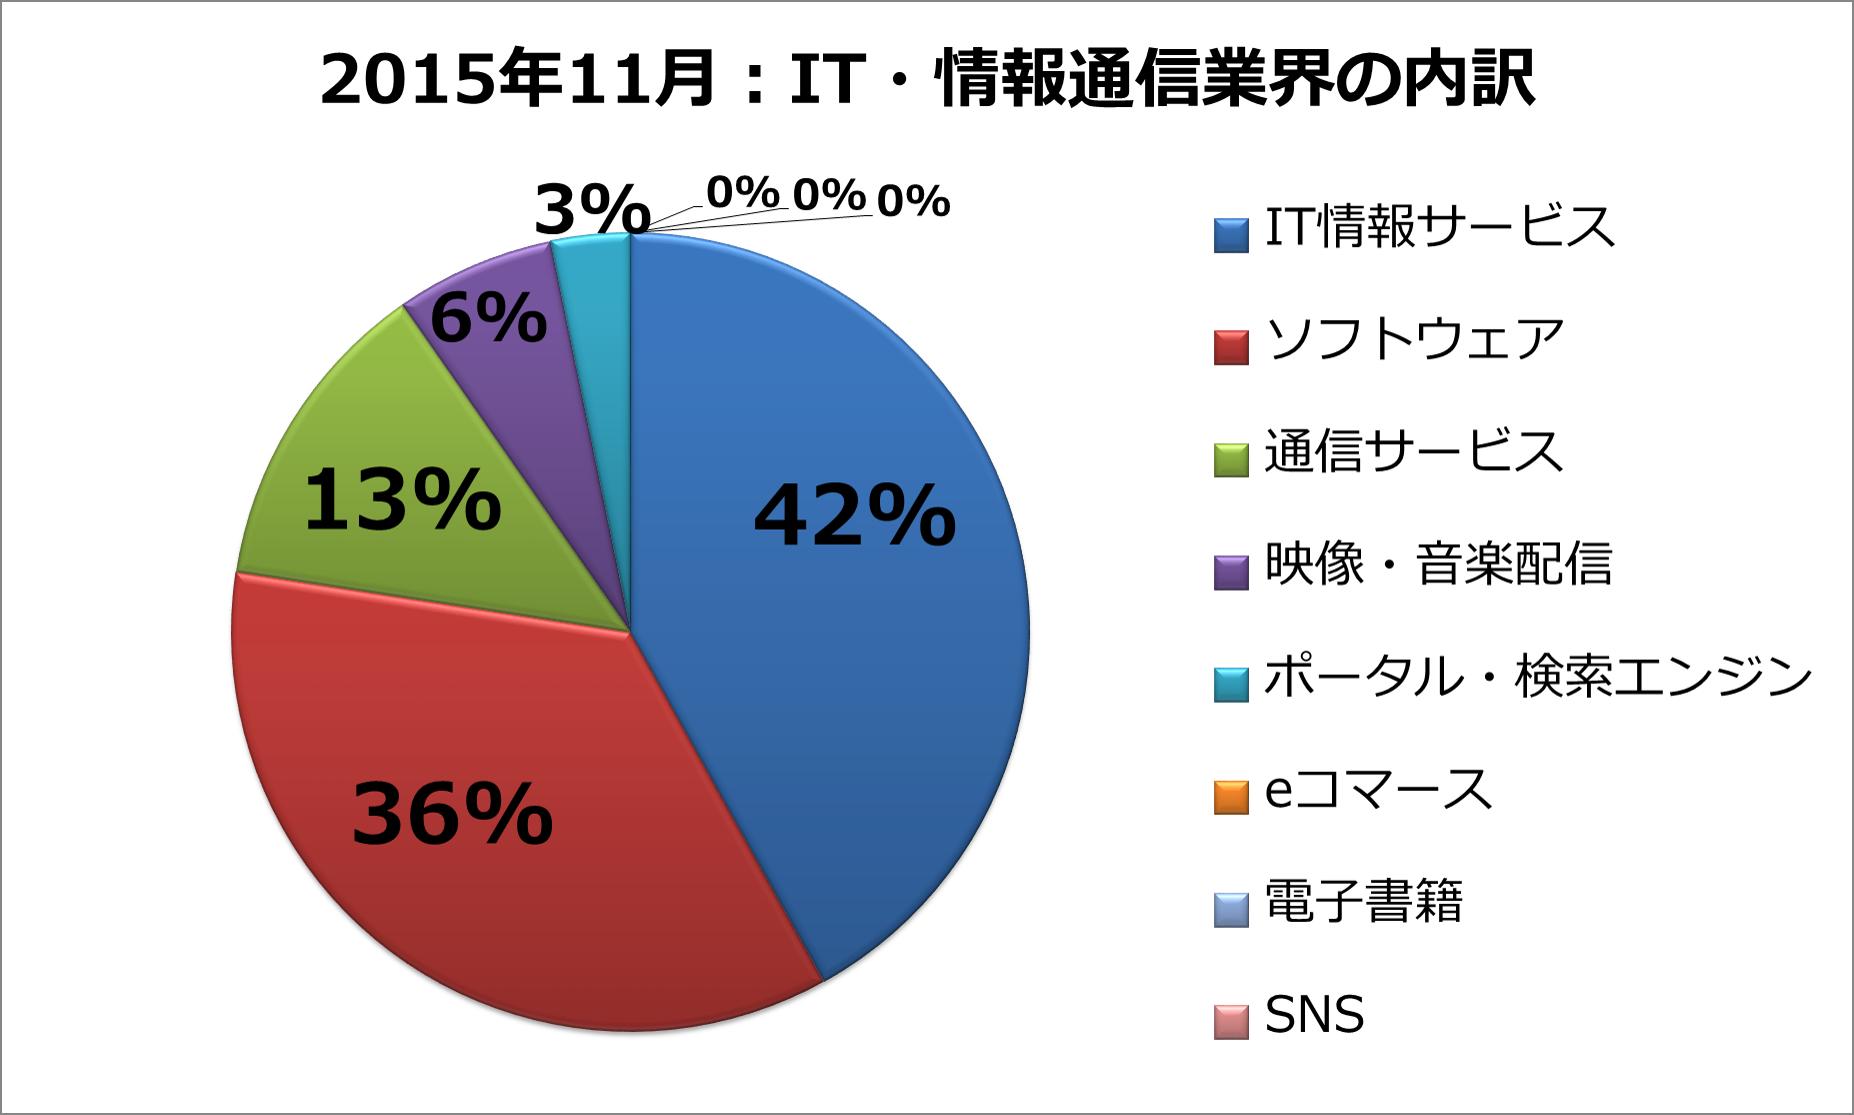 2015年11月:IT・情報通信業界の内訳